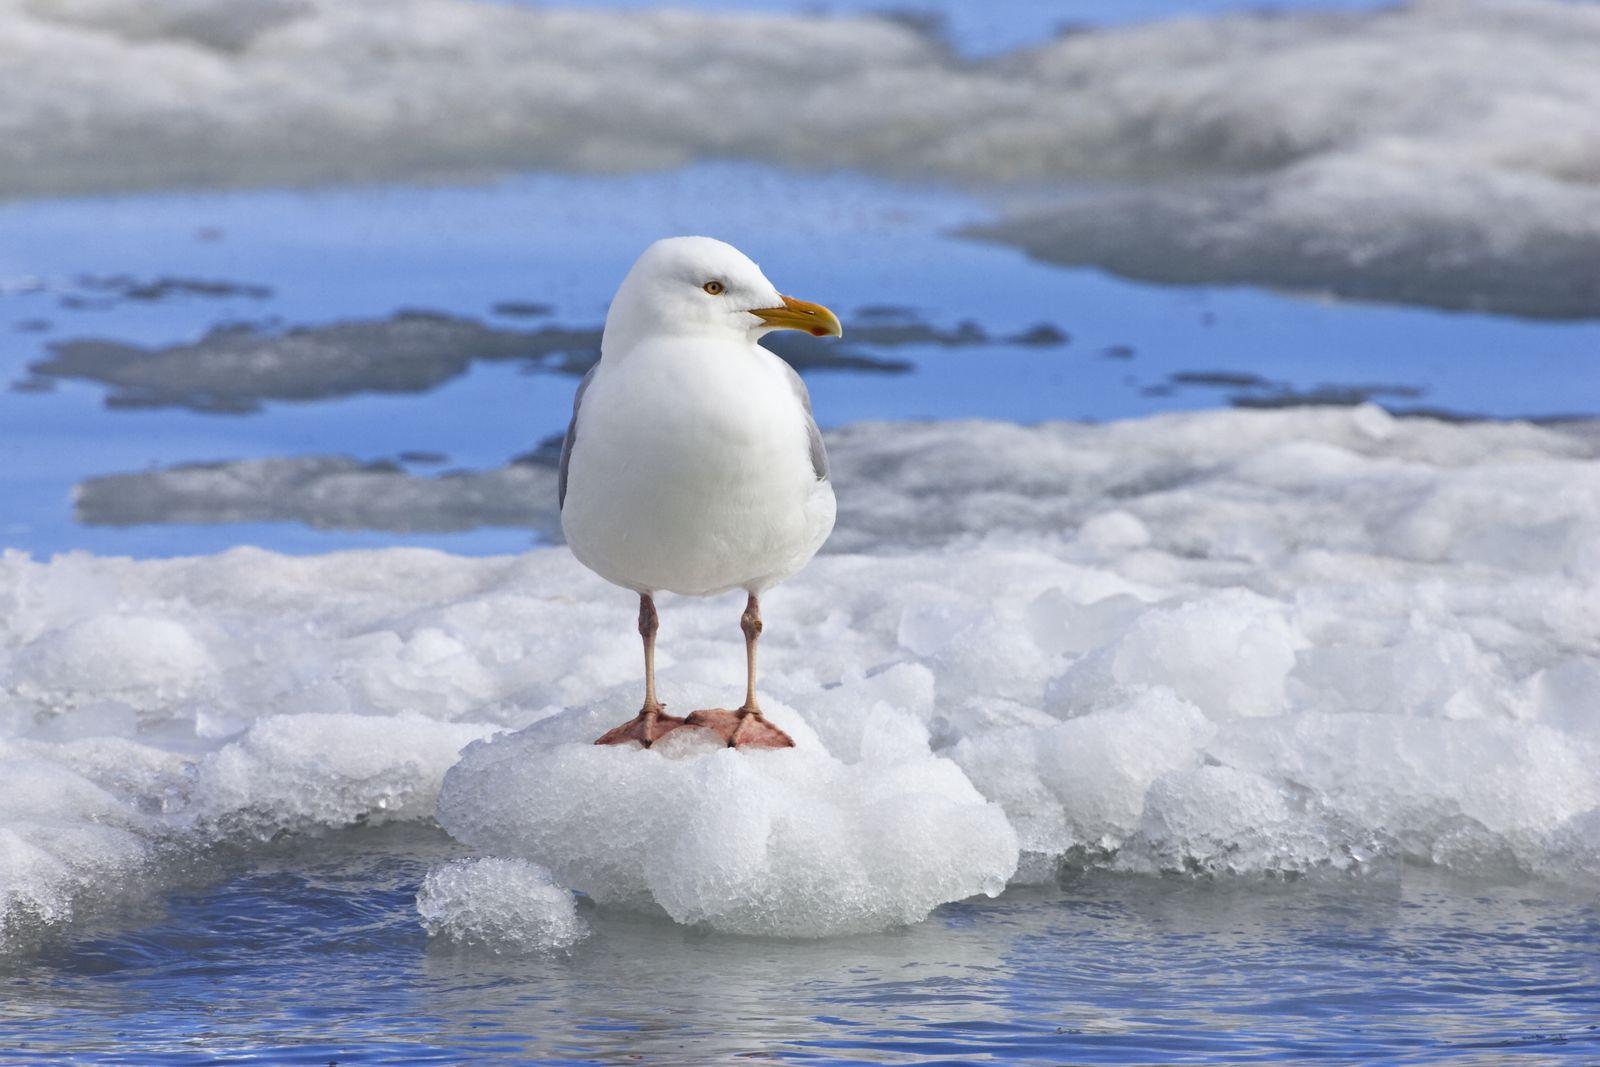 NICHT MEHR VERWENDEN! - Glaucous Gull / Spitsbergen / Norway / Eismwen